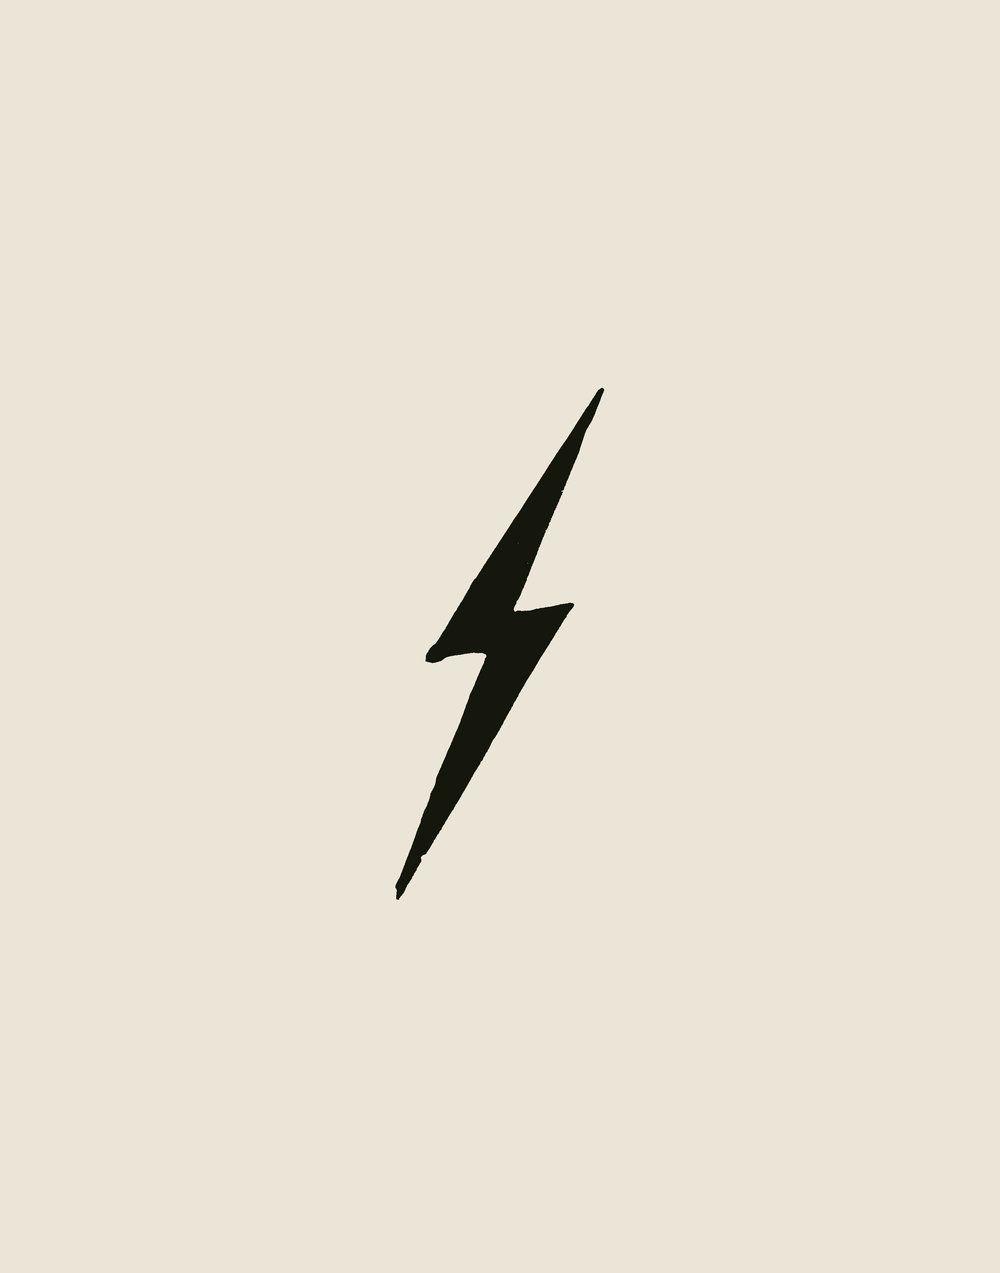 Lightning Bolt Jennifer Ament Bolt Tattoo Lightening Bolt Tattoo Lightning Bolt Tattoo